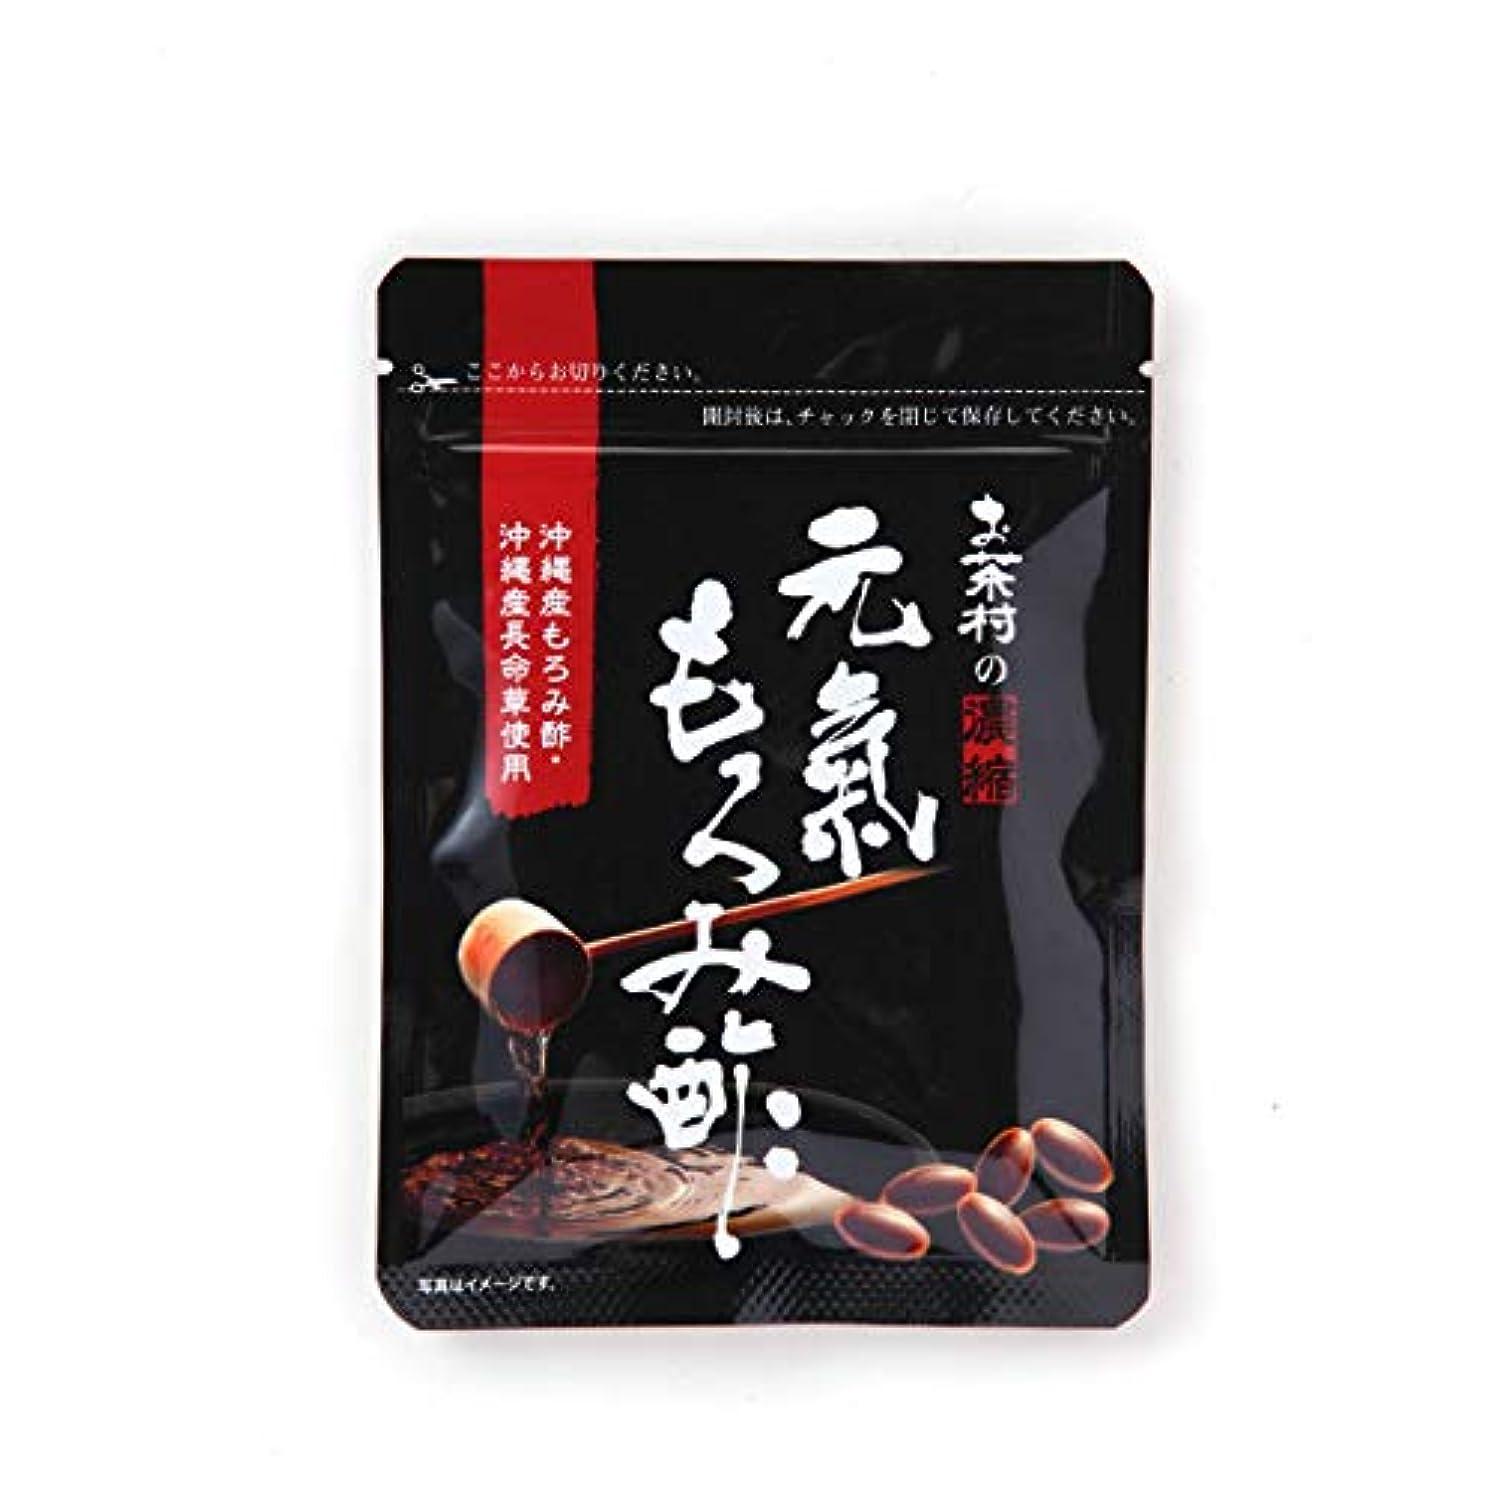 お茶村 濃縮 元氣 もろみ酢 ( 560mg × 62粒 - 約1ヶ月分 )